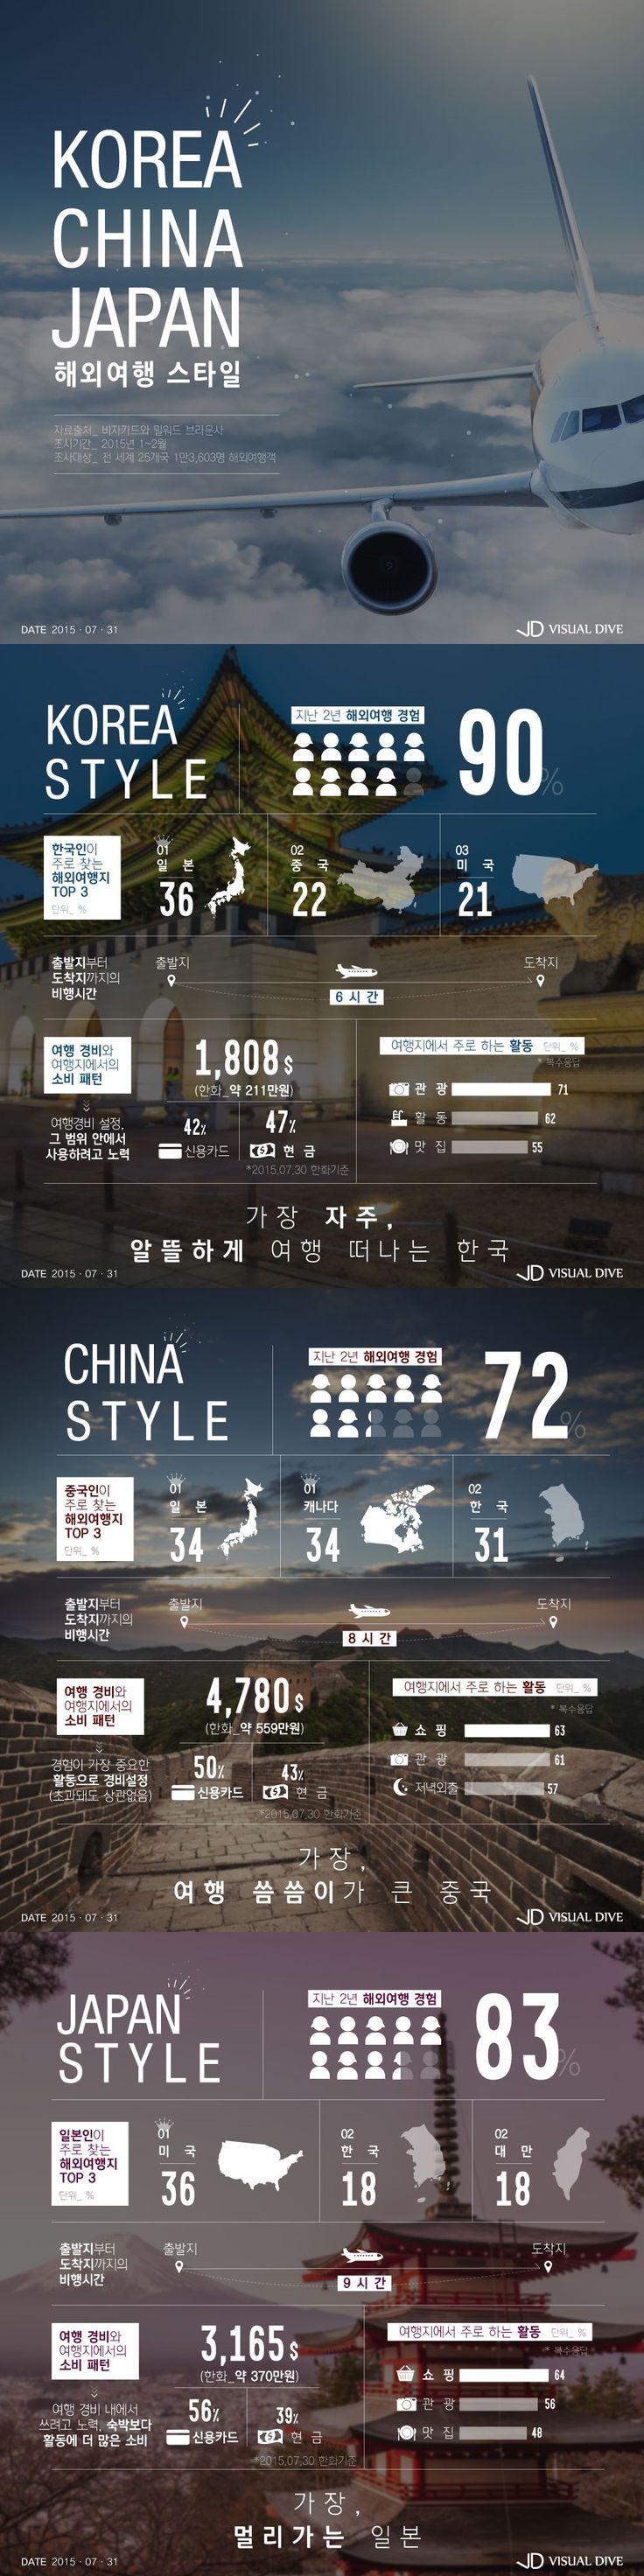 한·중·일 해외여행 패턴 '제각각' [인포그래픽] #Travel / #Infographic ⓒ 비주얼다이브 무단 복사·전재·재배포 금지